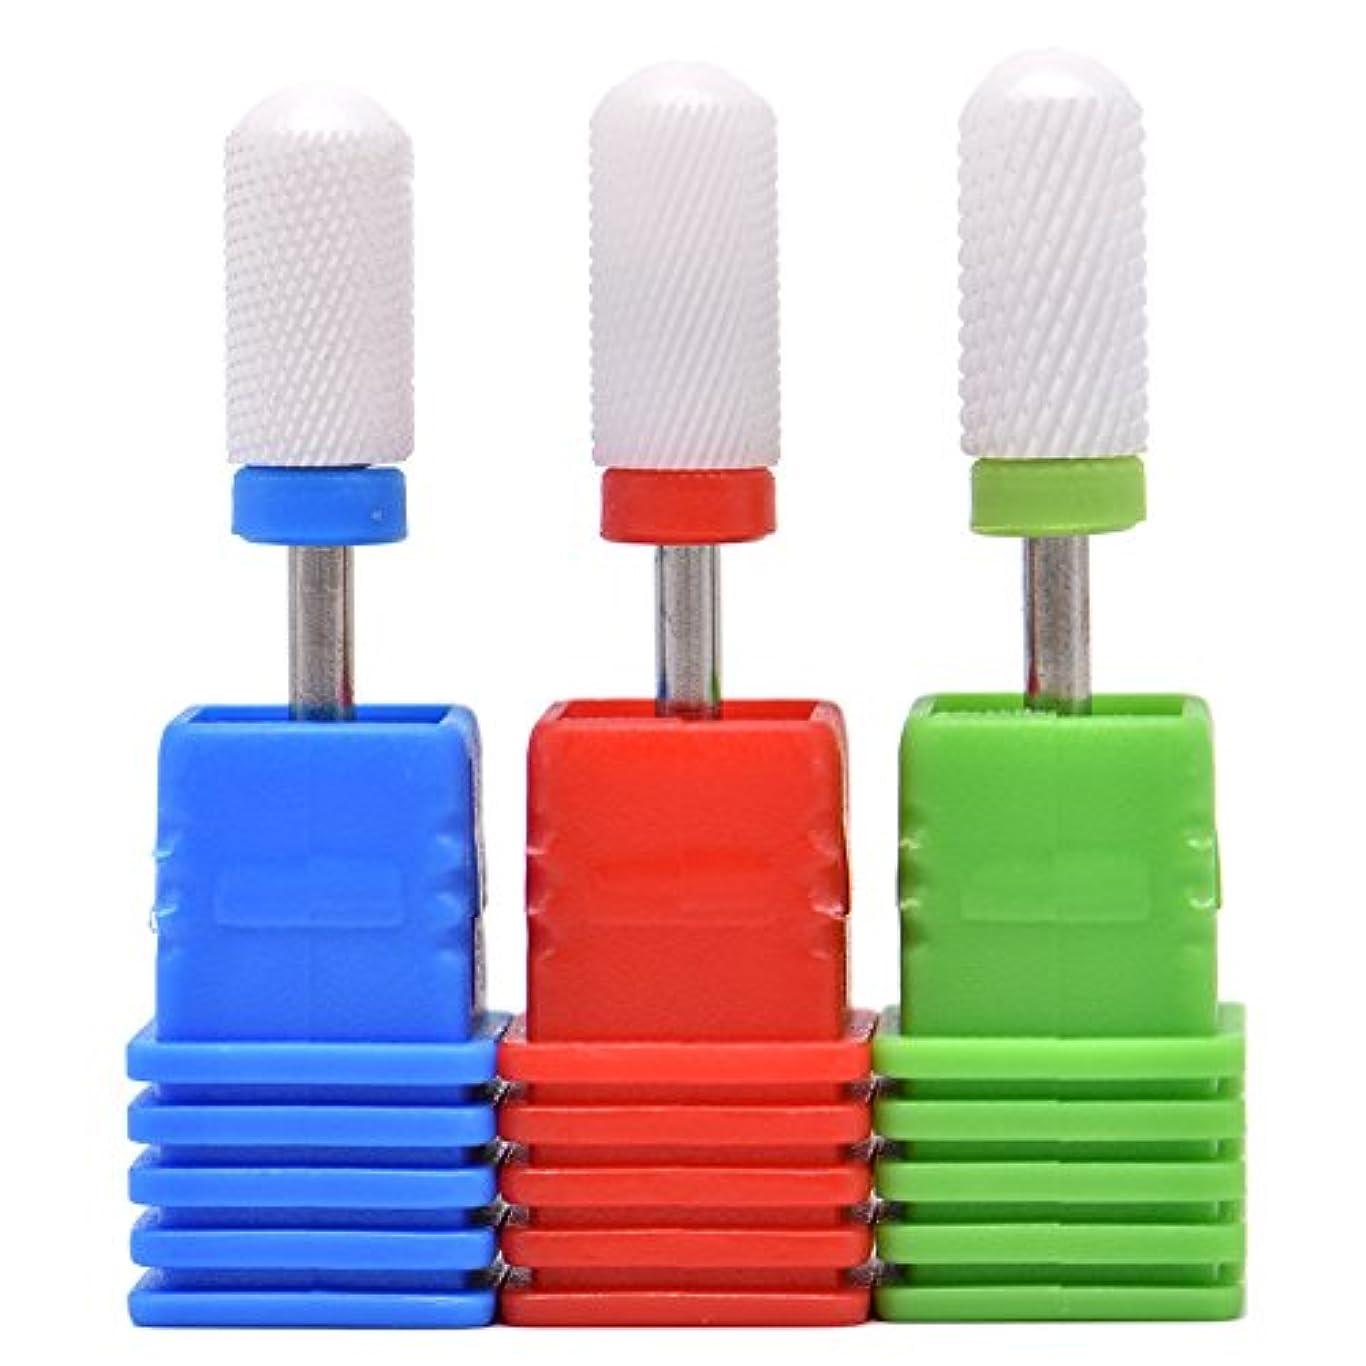 現象換気加速するOral Dentistry ネイルアート ドリルビット 丸い 研磨ヘッド ネイル グラインド ヘッド 爪 磨き 研磨 研削 セラミック 全3色 (レッドF(微研削)+グリーンC(粗研削)+ブルーM(中仕上げ))